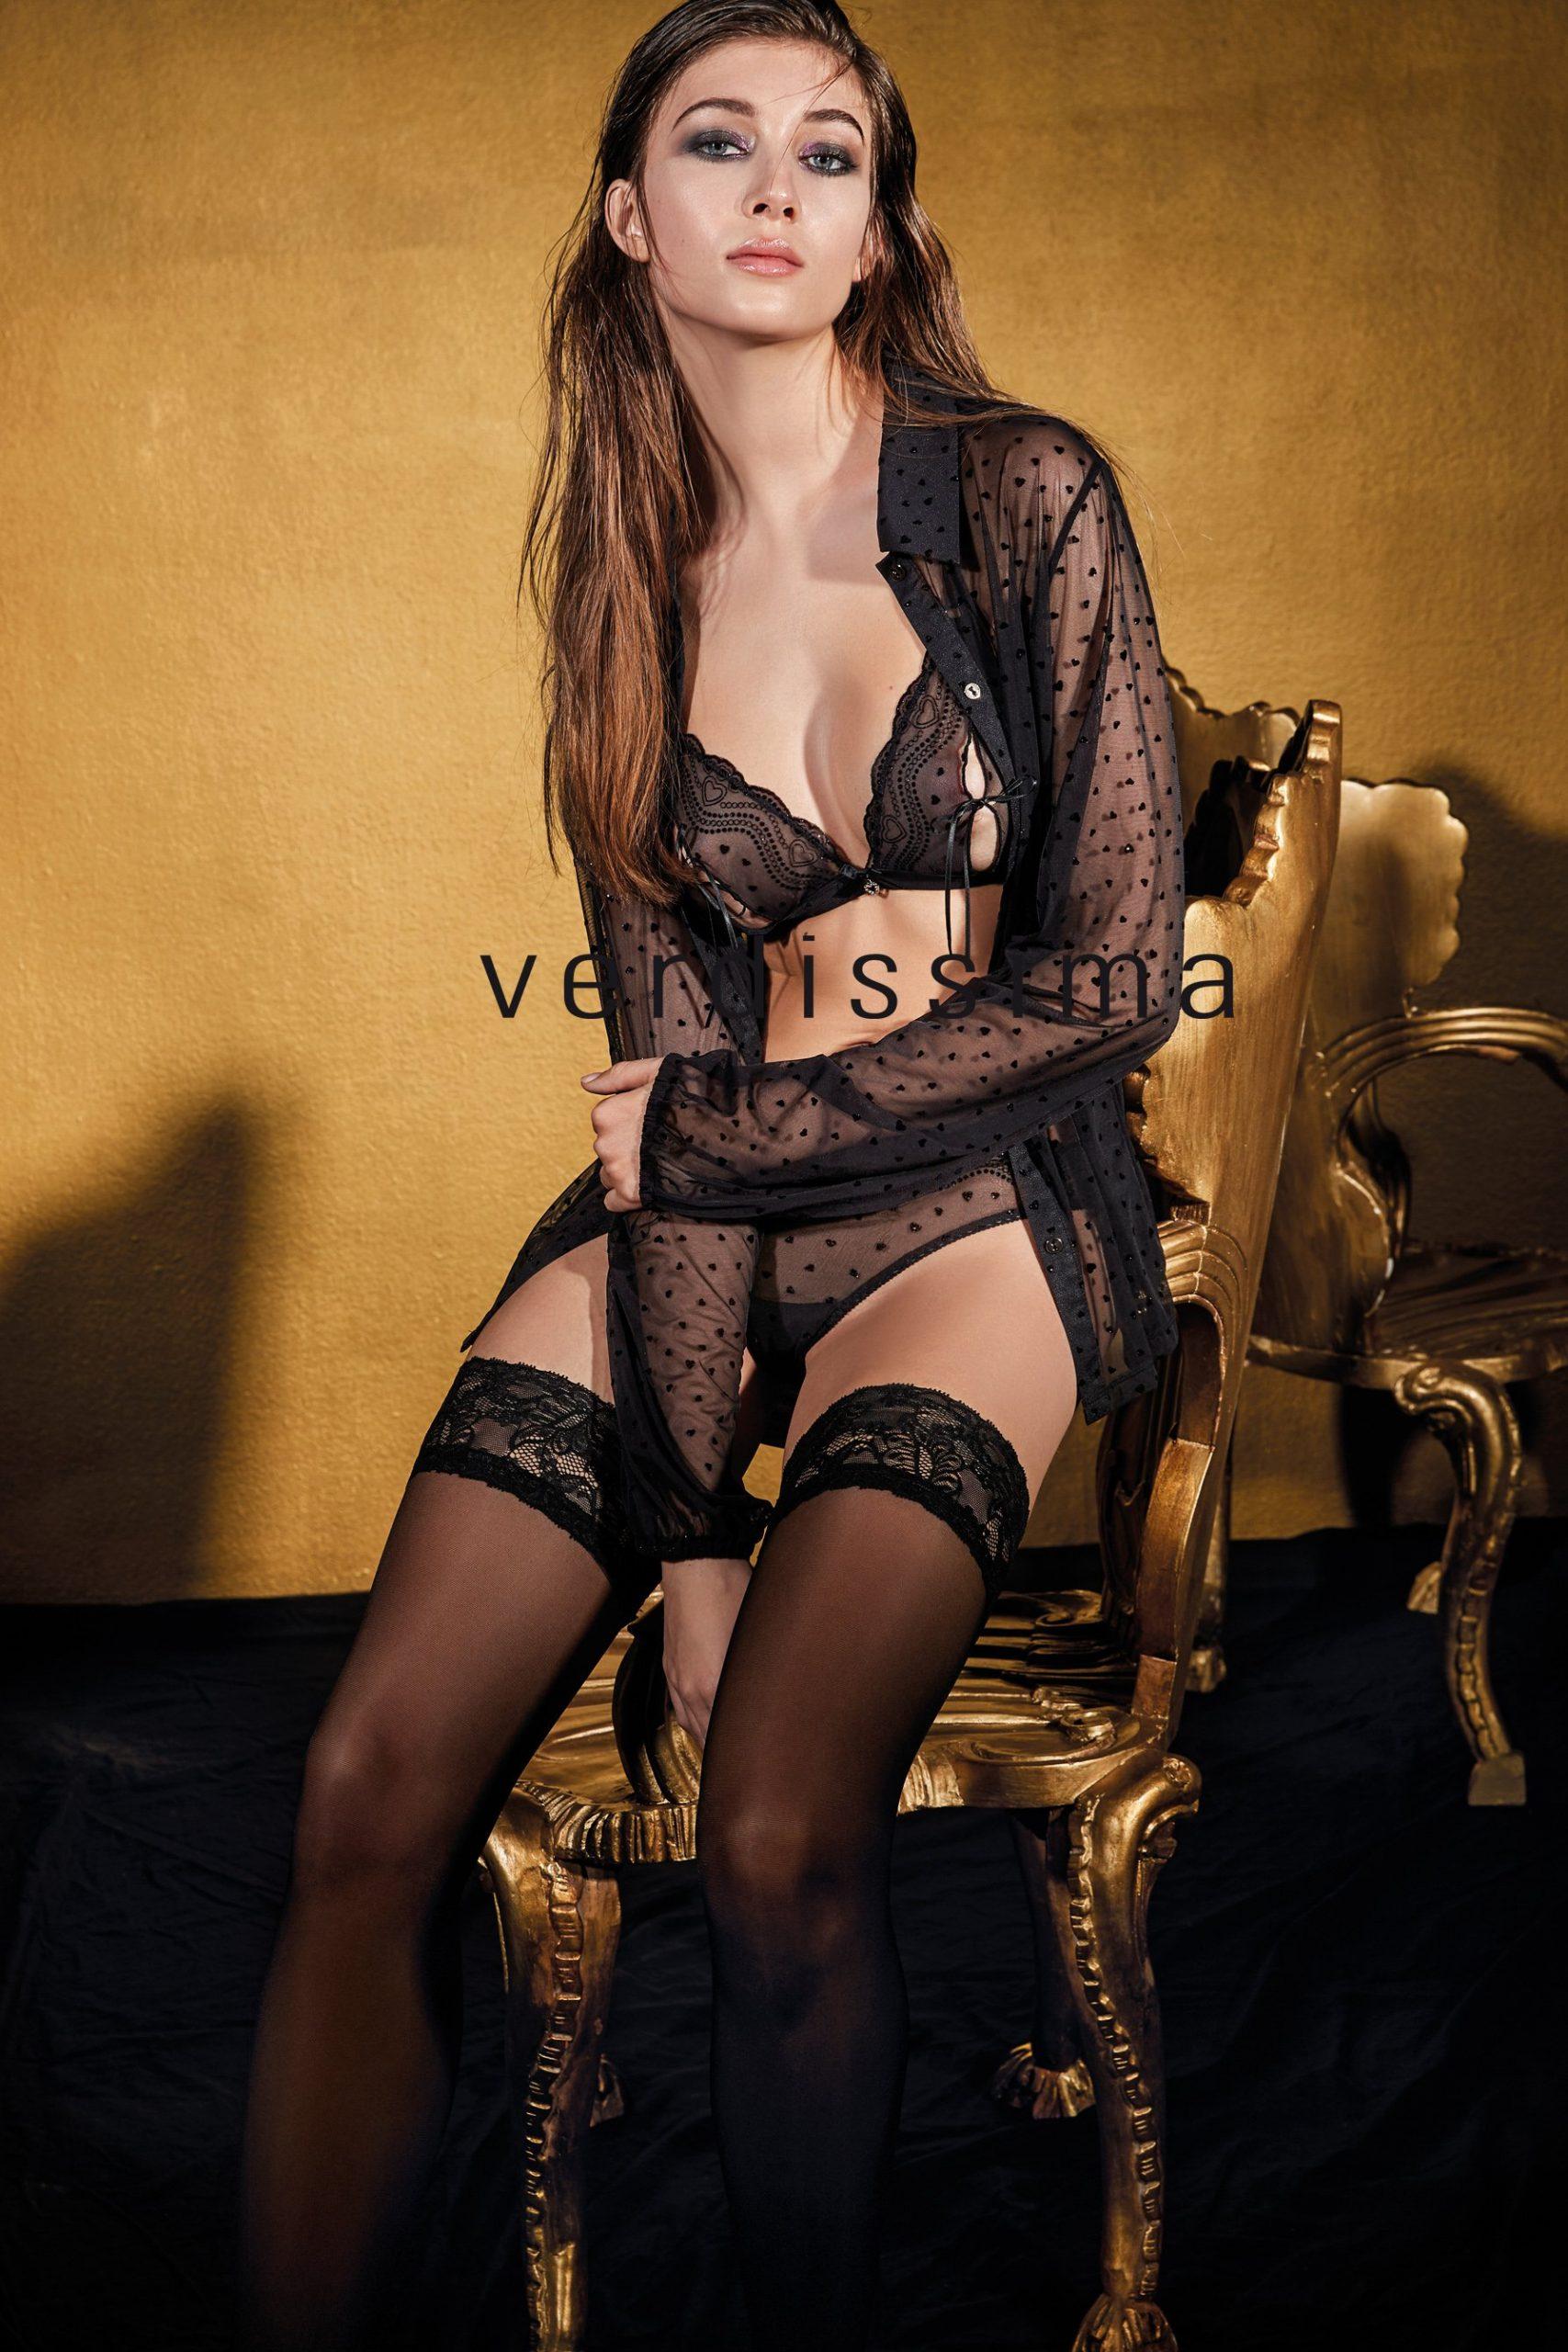 look 19 t5 verdissima 1688 19118868860834360626. scaled